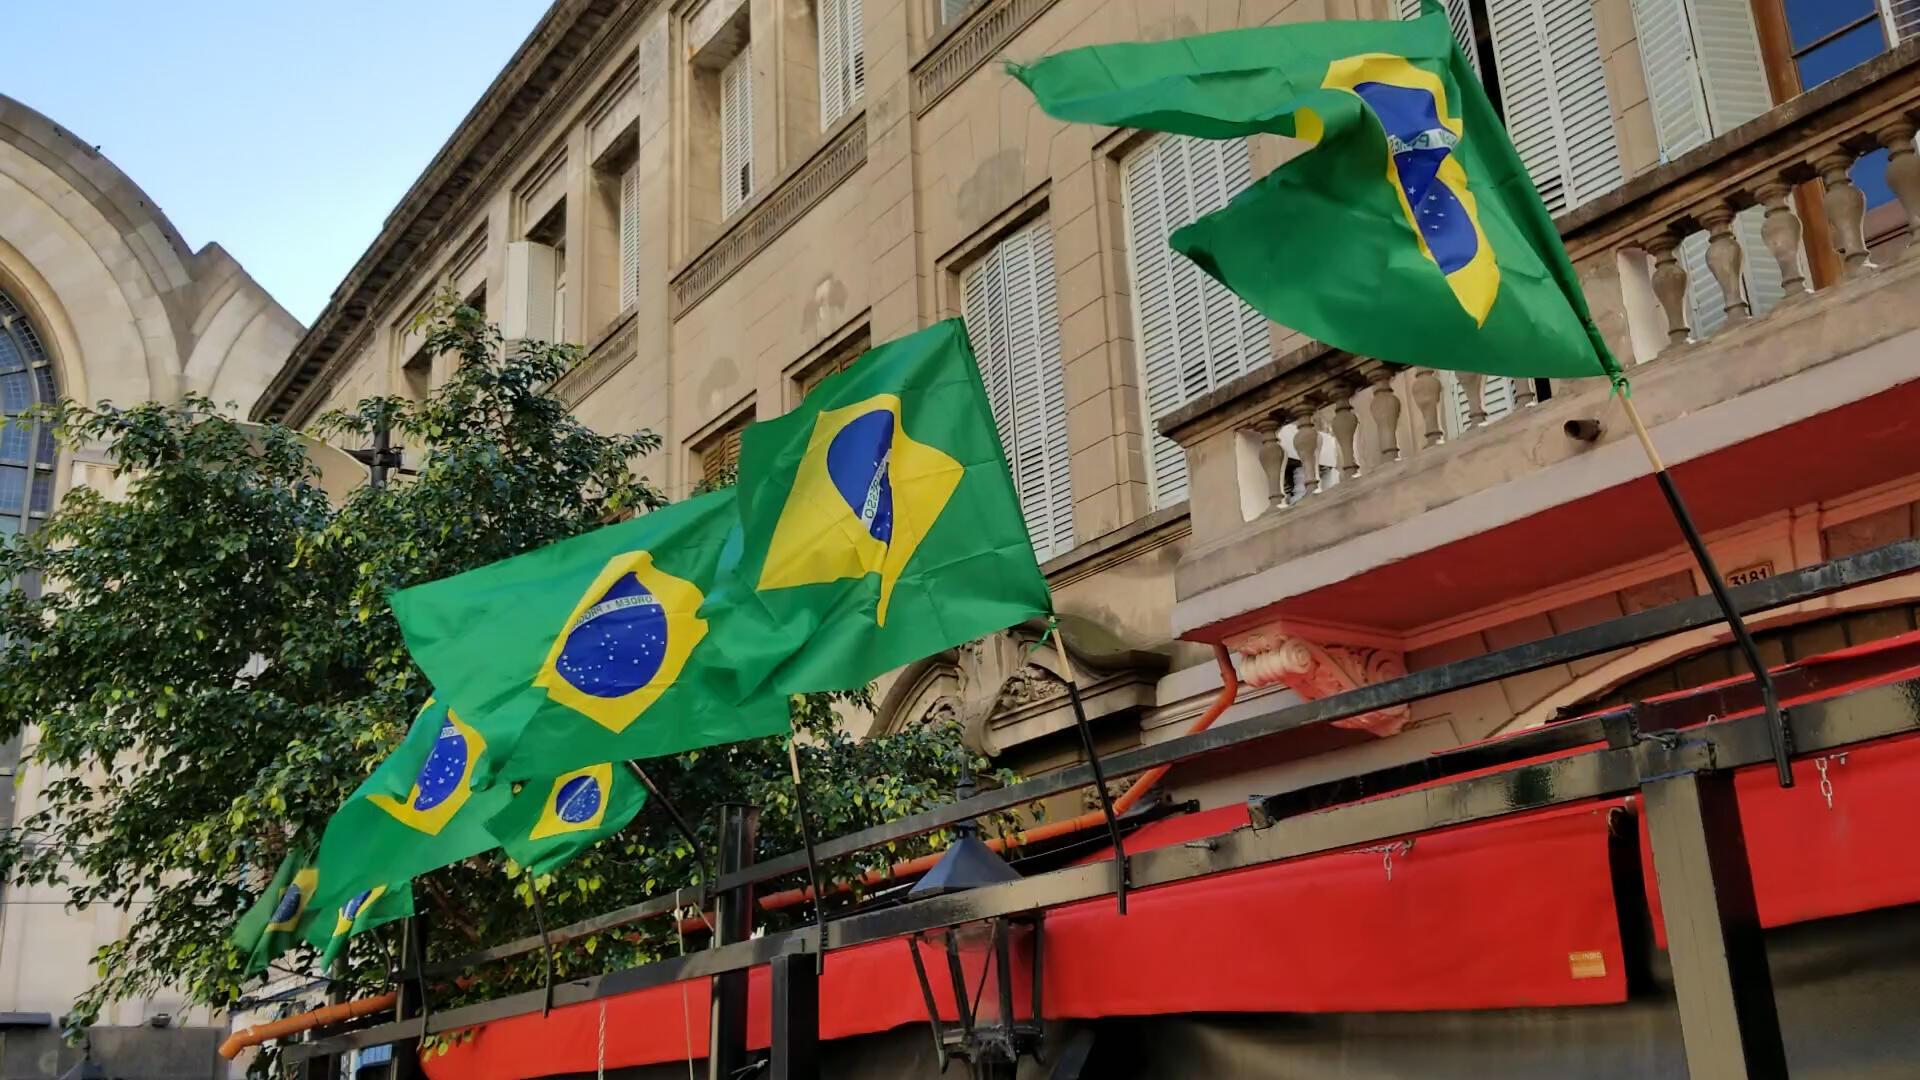 Bandeiras marcam território brasileiro em plena rua dedicada ao Tango.